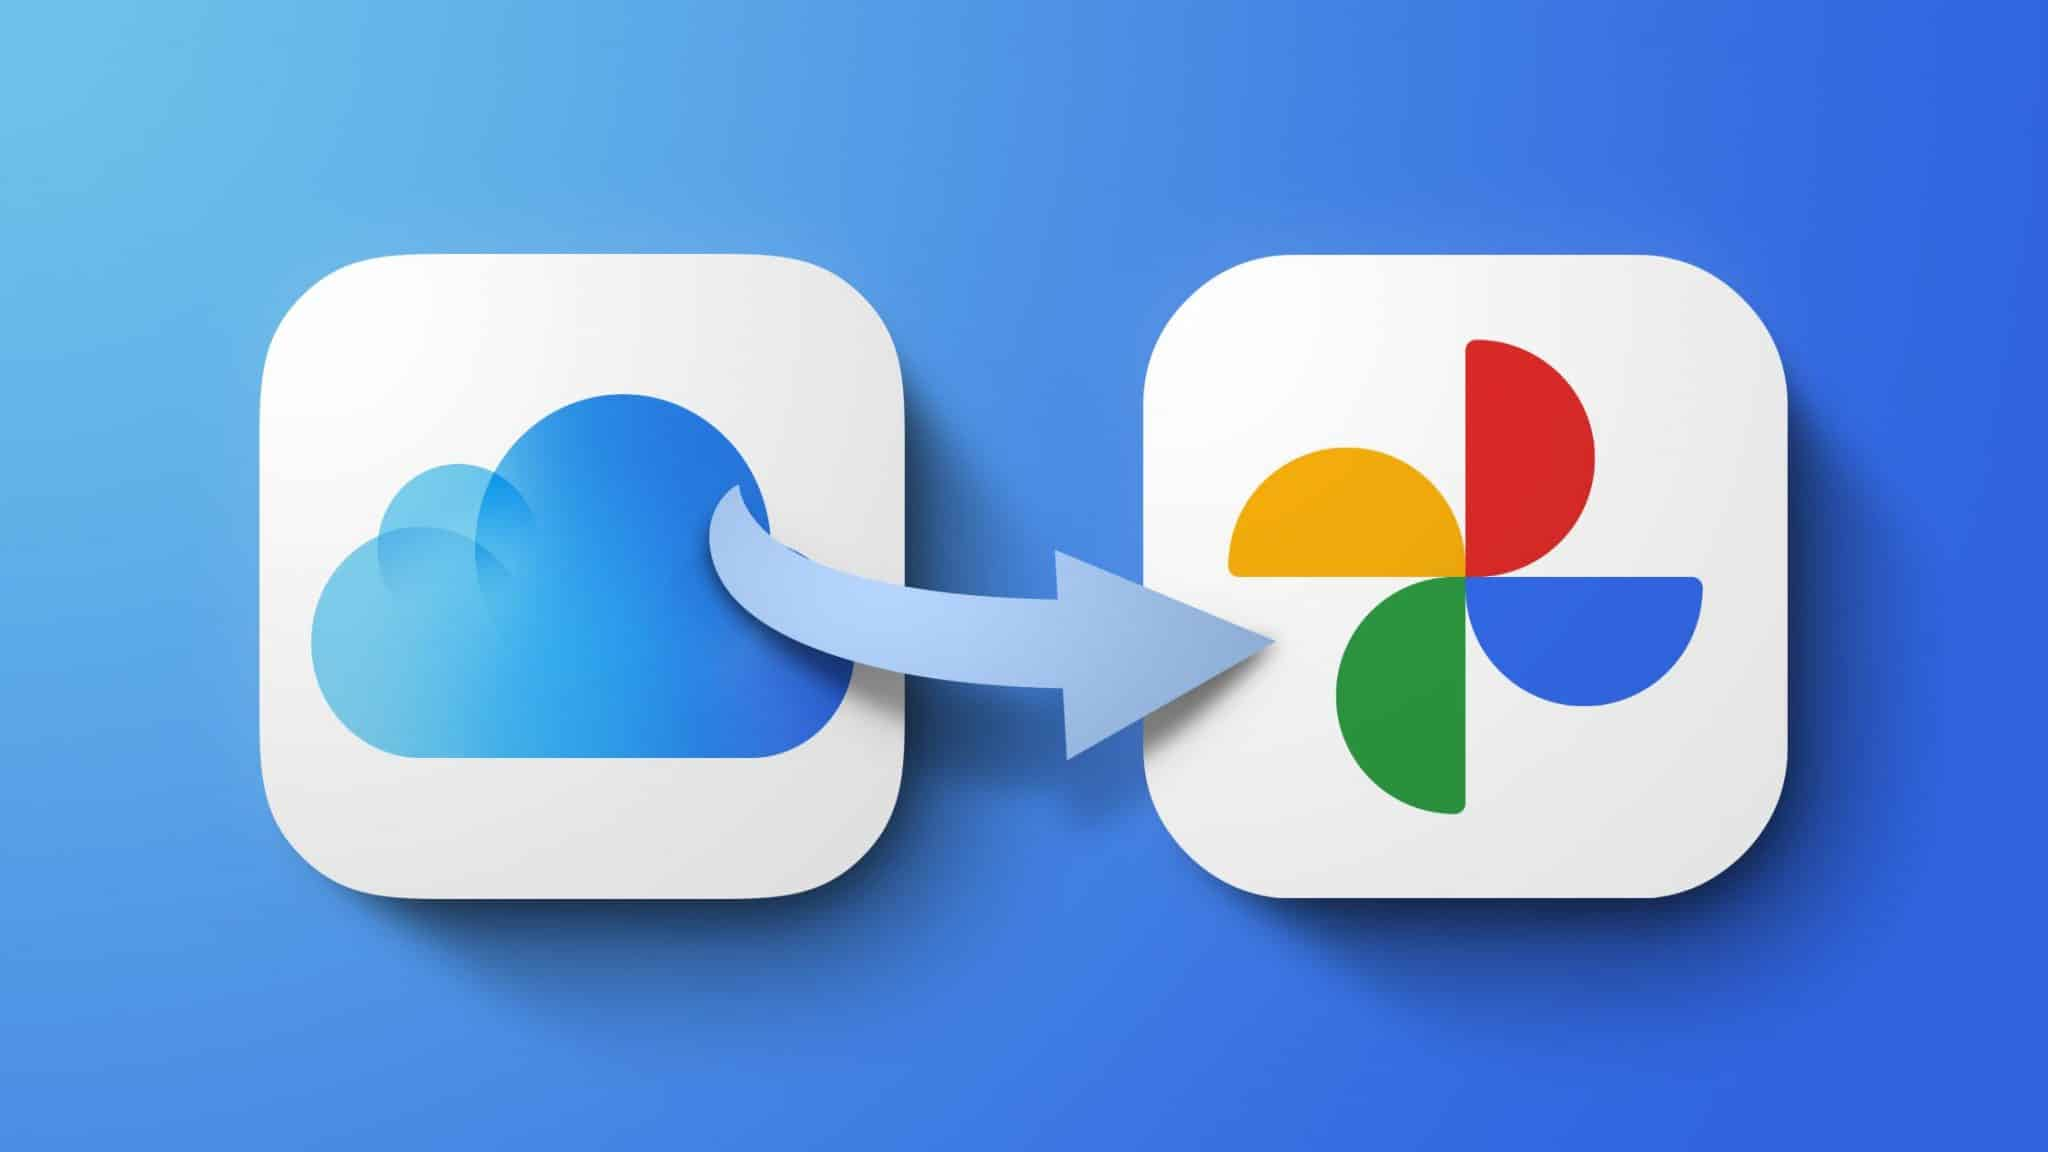 iCloud Photos to Google Photos